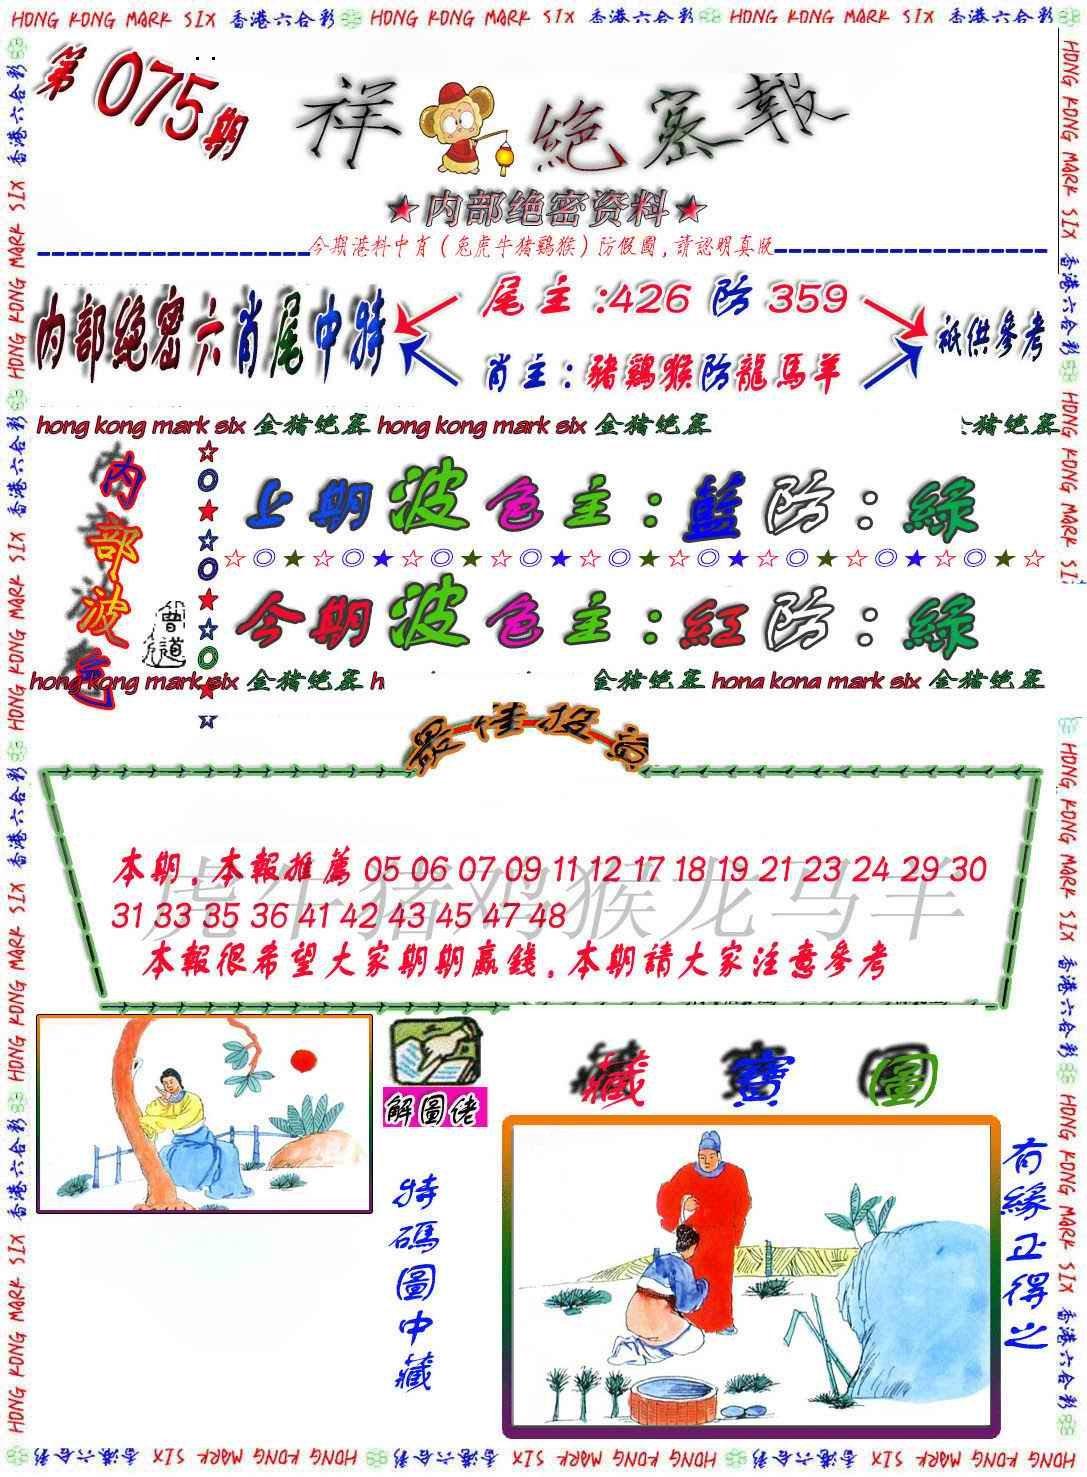 075期金鼠绝密图